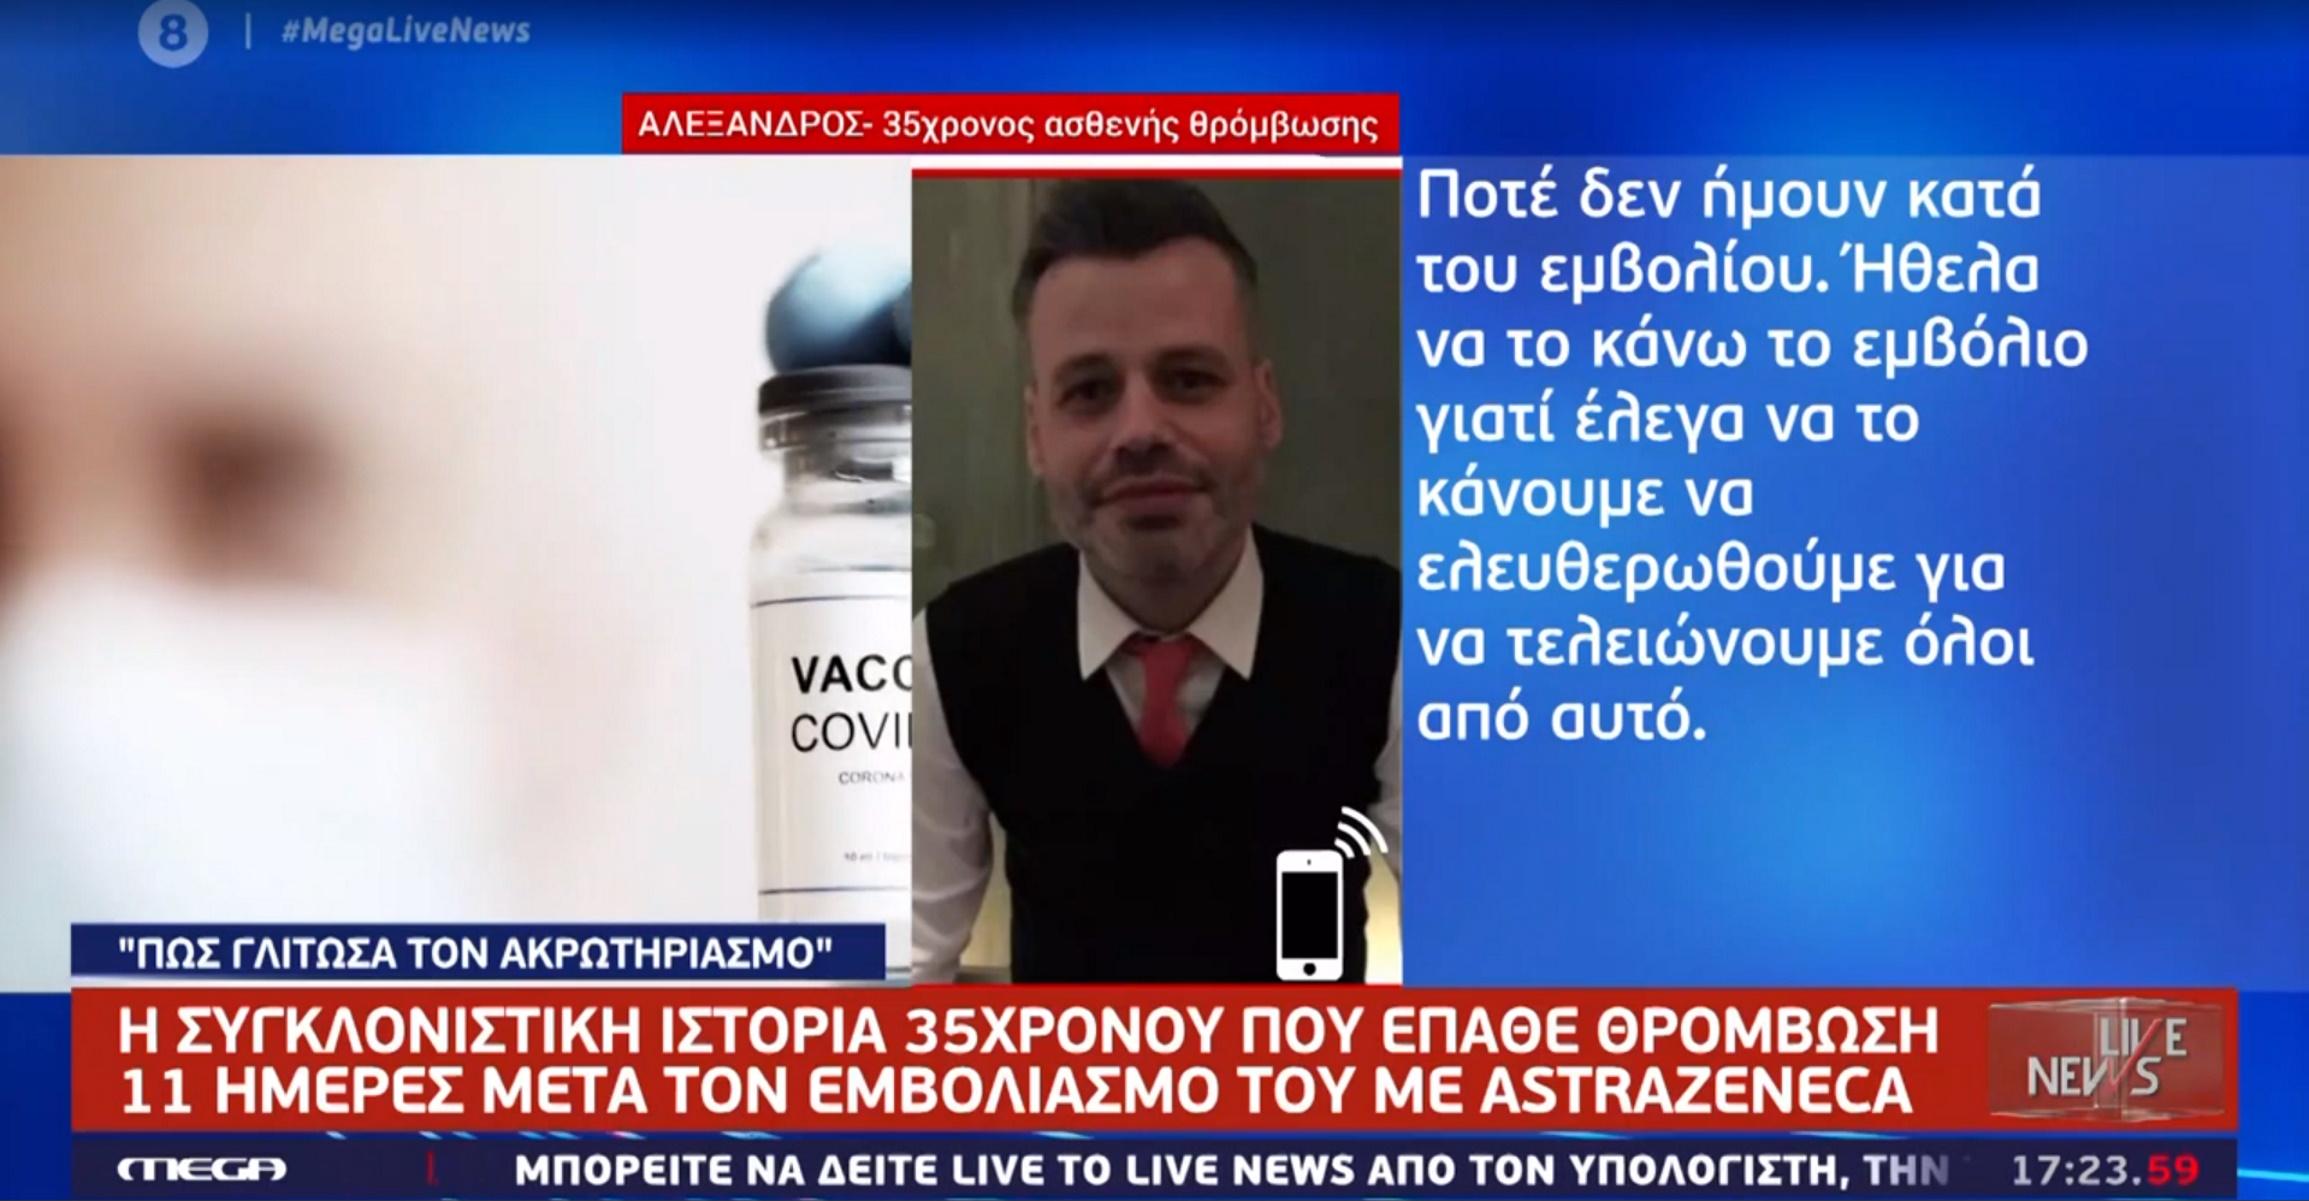 Κορονοϊός – Live News: Θρόμβωση στο πόδι μετά το AstraZeneca – «Πώς γλίτωσα τον ακρωτηριασμό» (video)